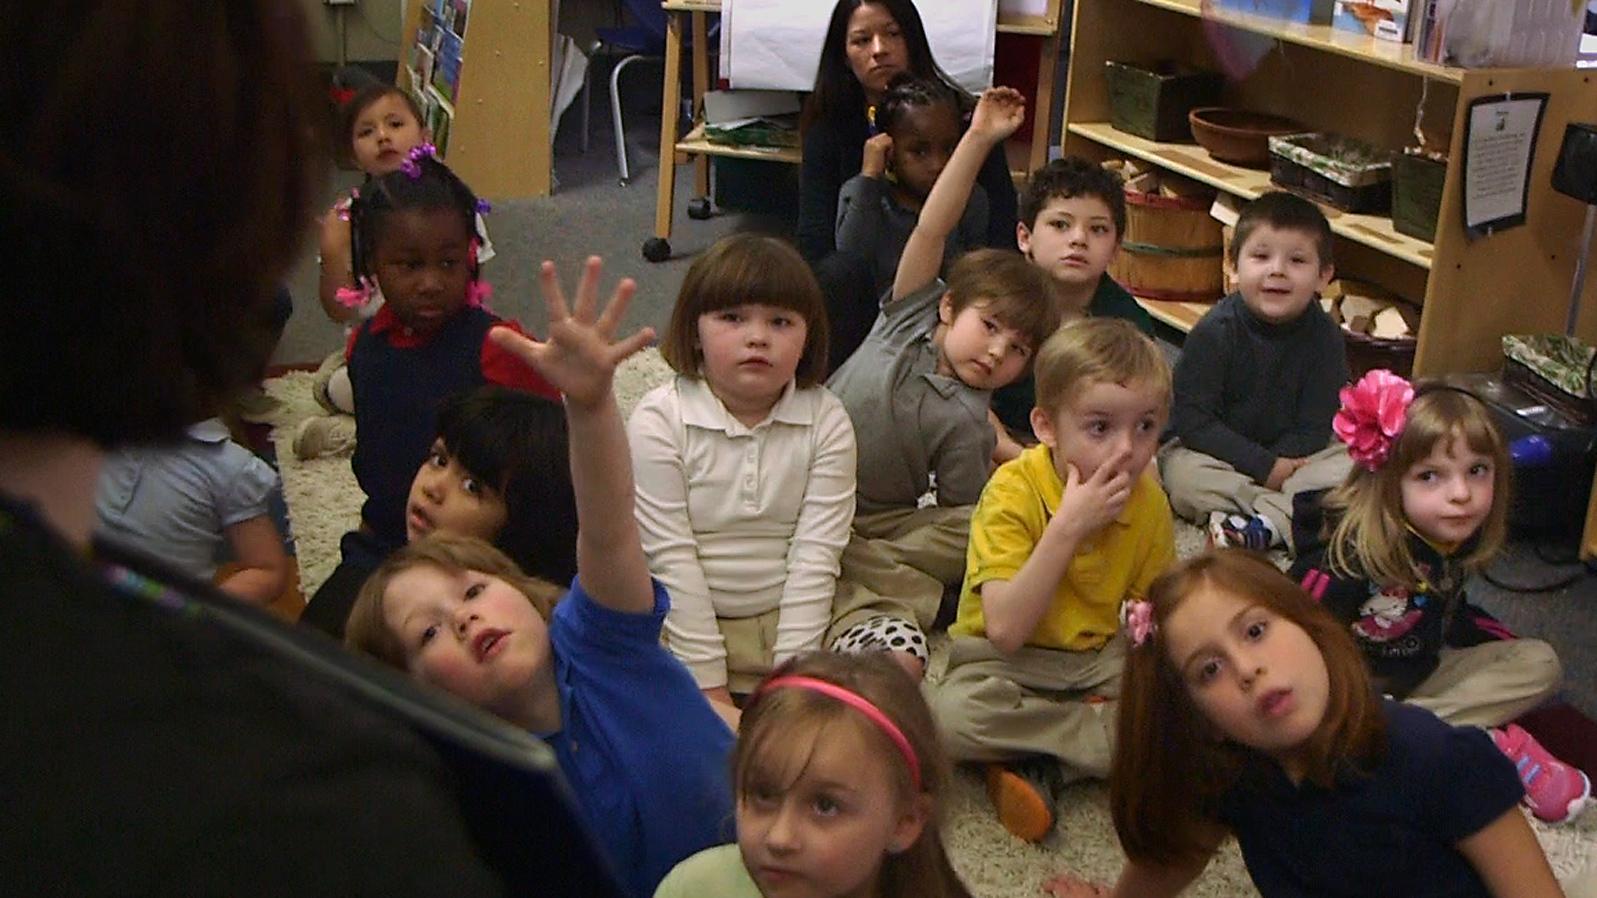 Development of preschool children